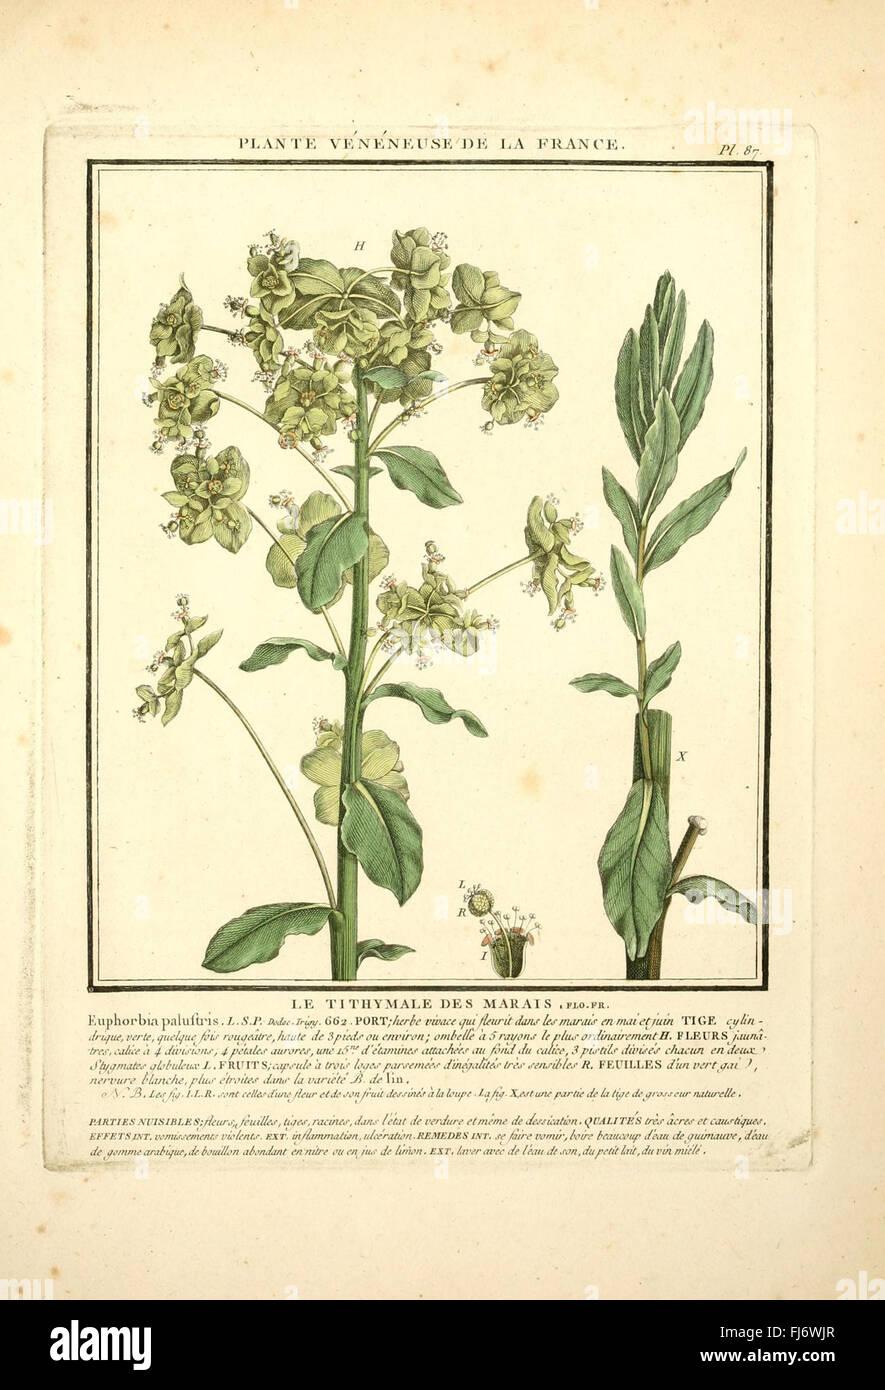 Herbier De La France Pl 87 Stock Photo 97267487 Alamy